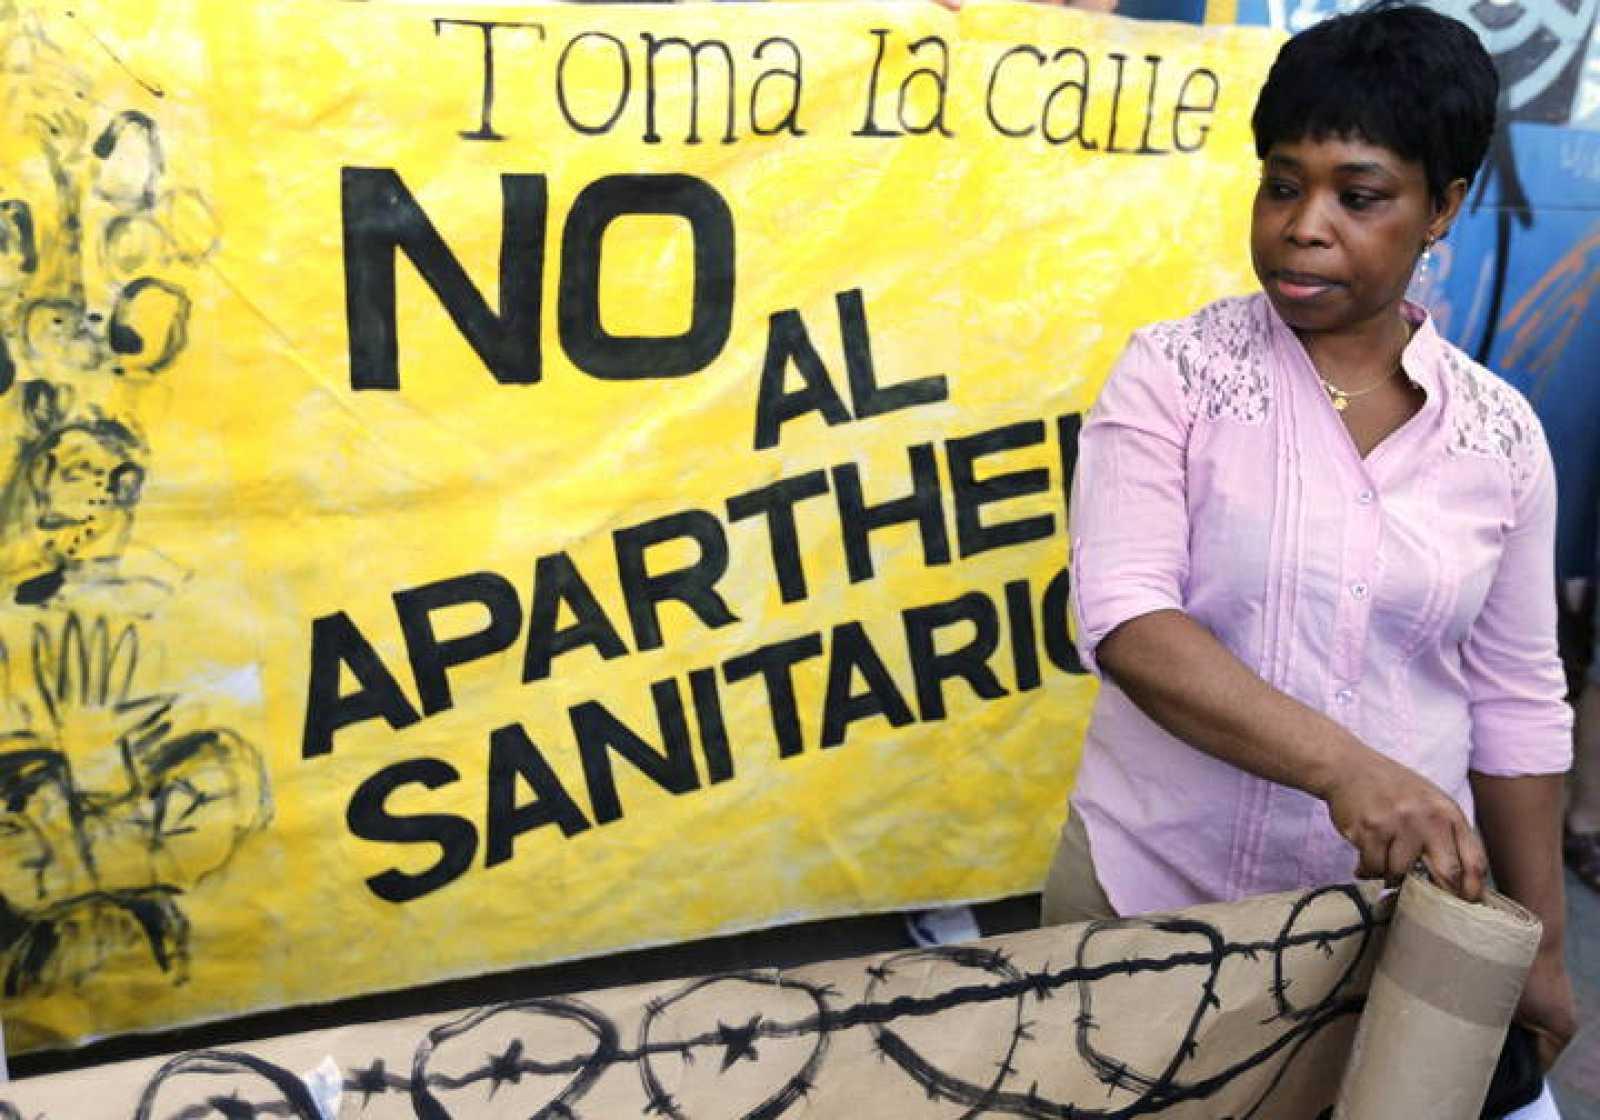 Colectivos de apoyo a inmigrantes protestan contra su exclusión de la Sanidad